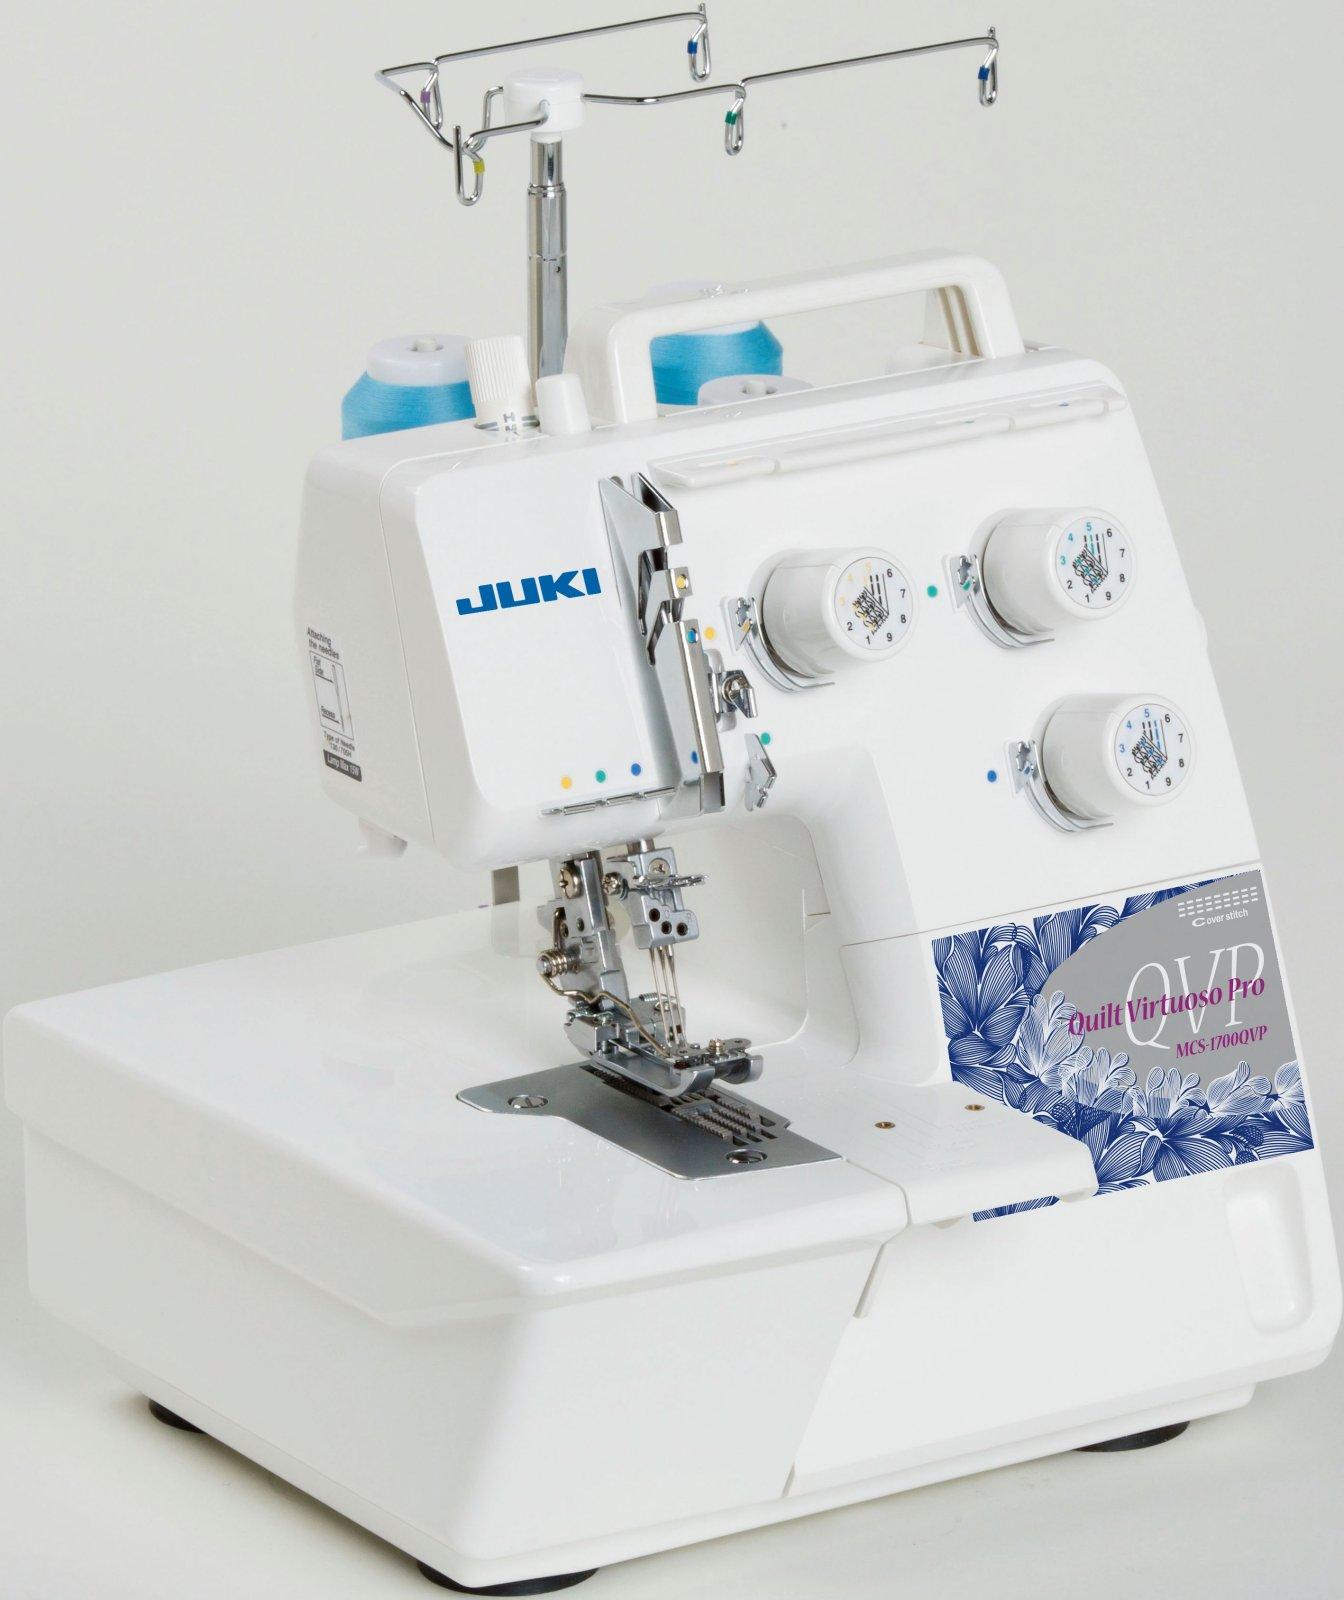 JUKI MCS-1700 QVP Coverstitch & Chain Stitch Machine